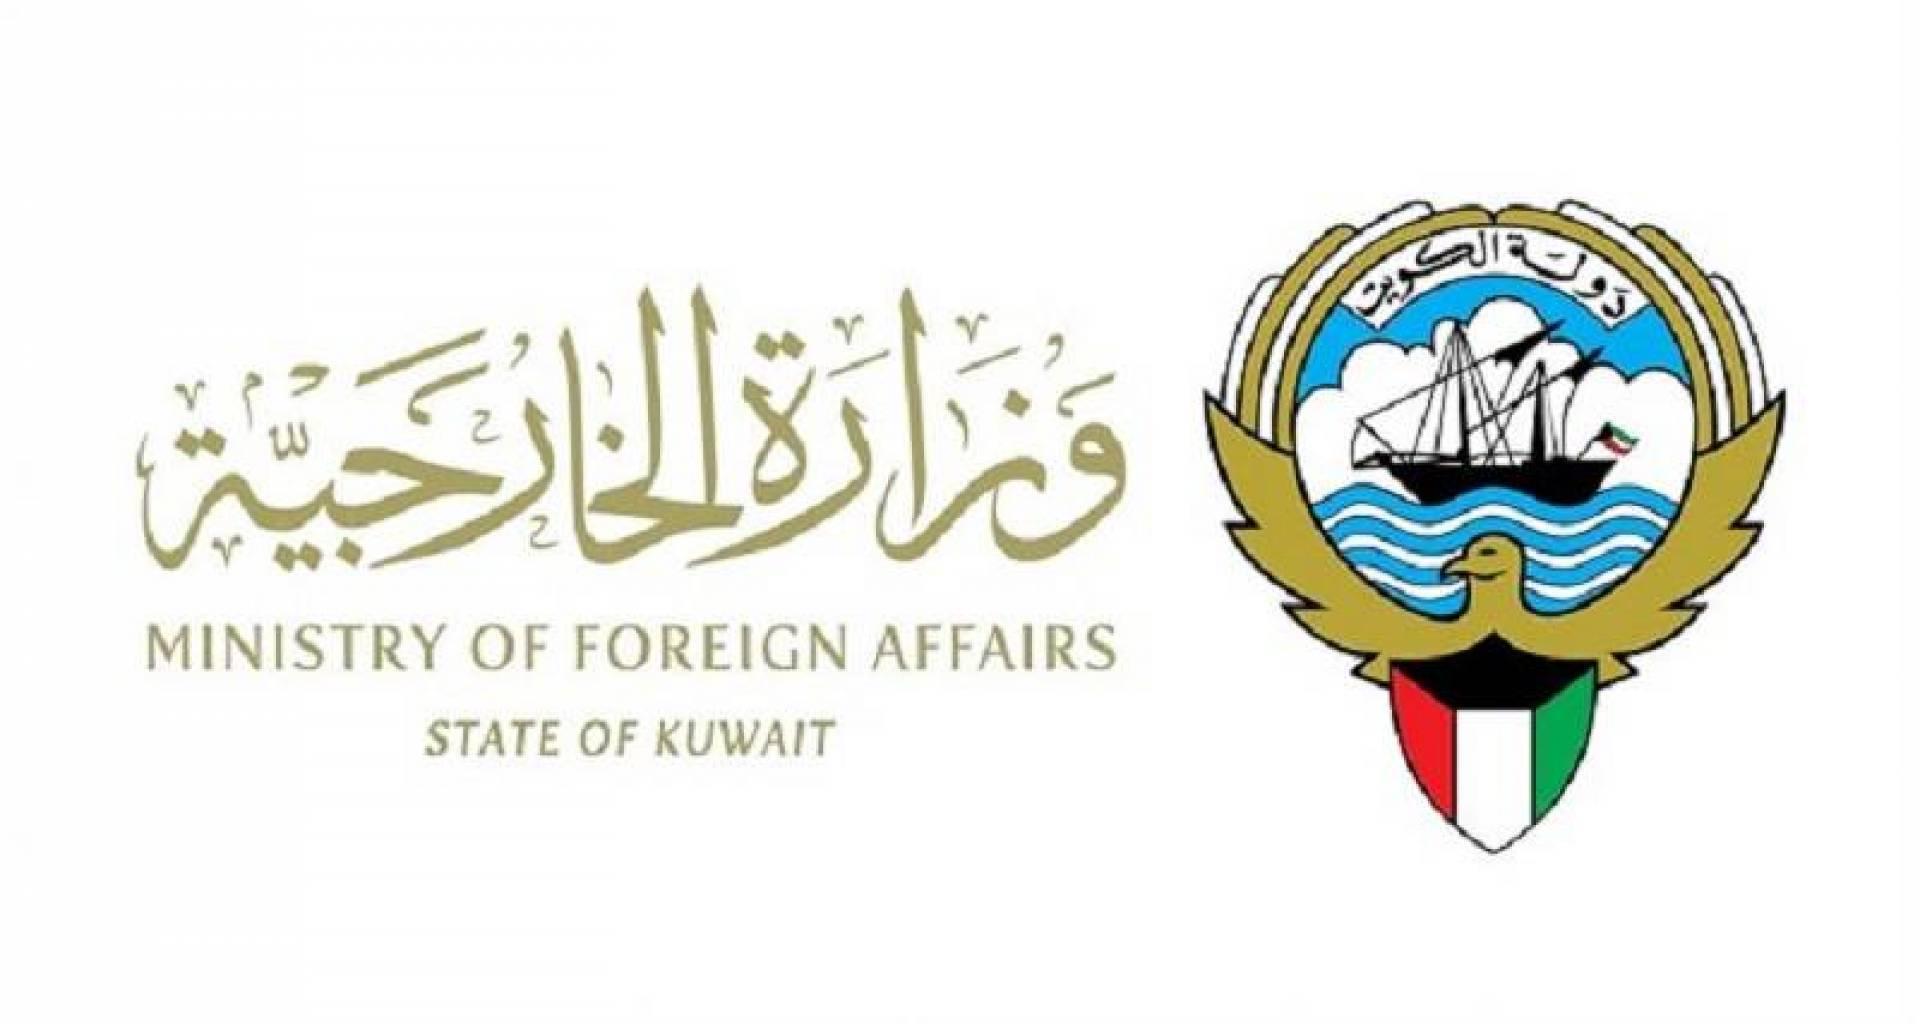 الكويت تدين بشدة استهداف ميليشيا الحوثي لمناطق سكنية سعودية بصواريخ باليستية